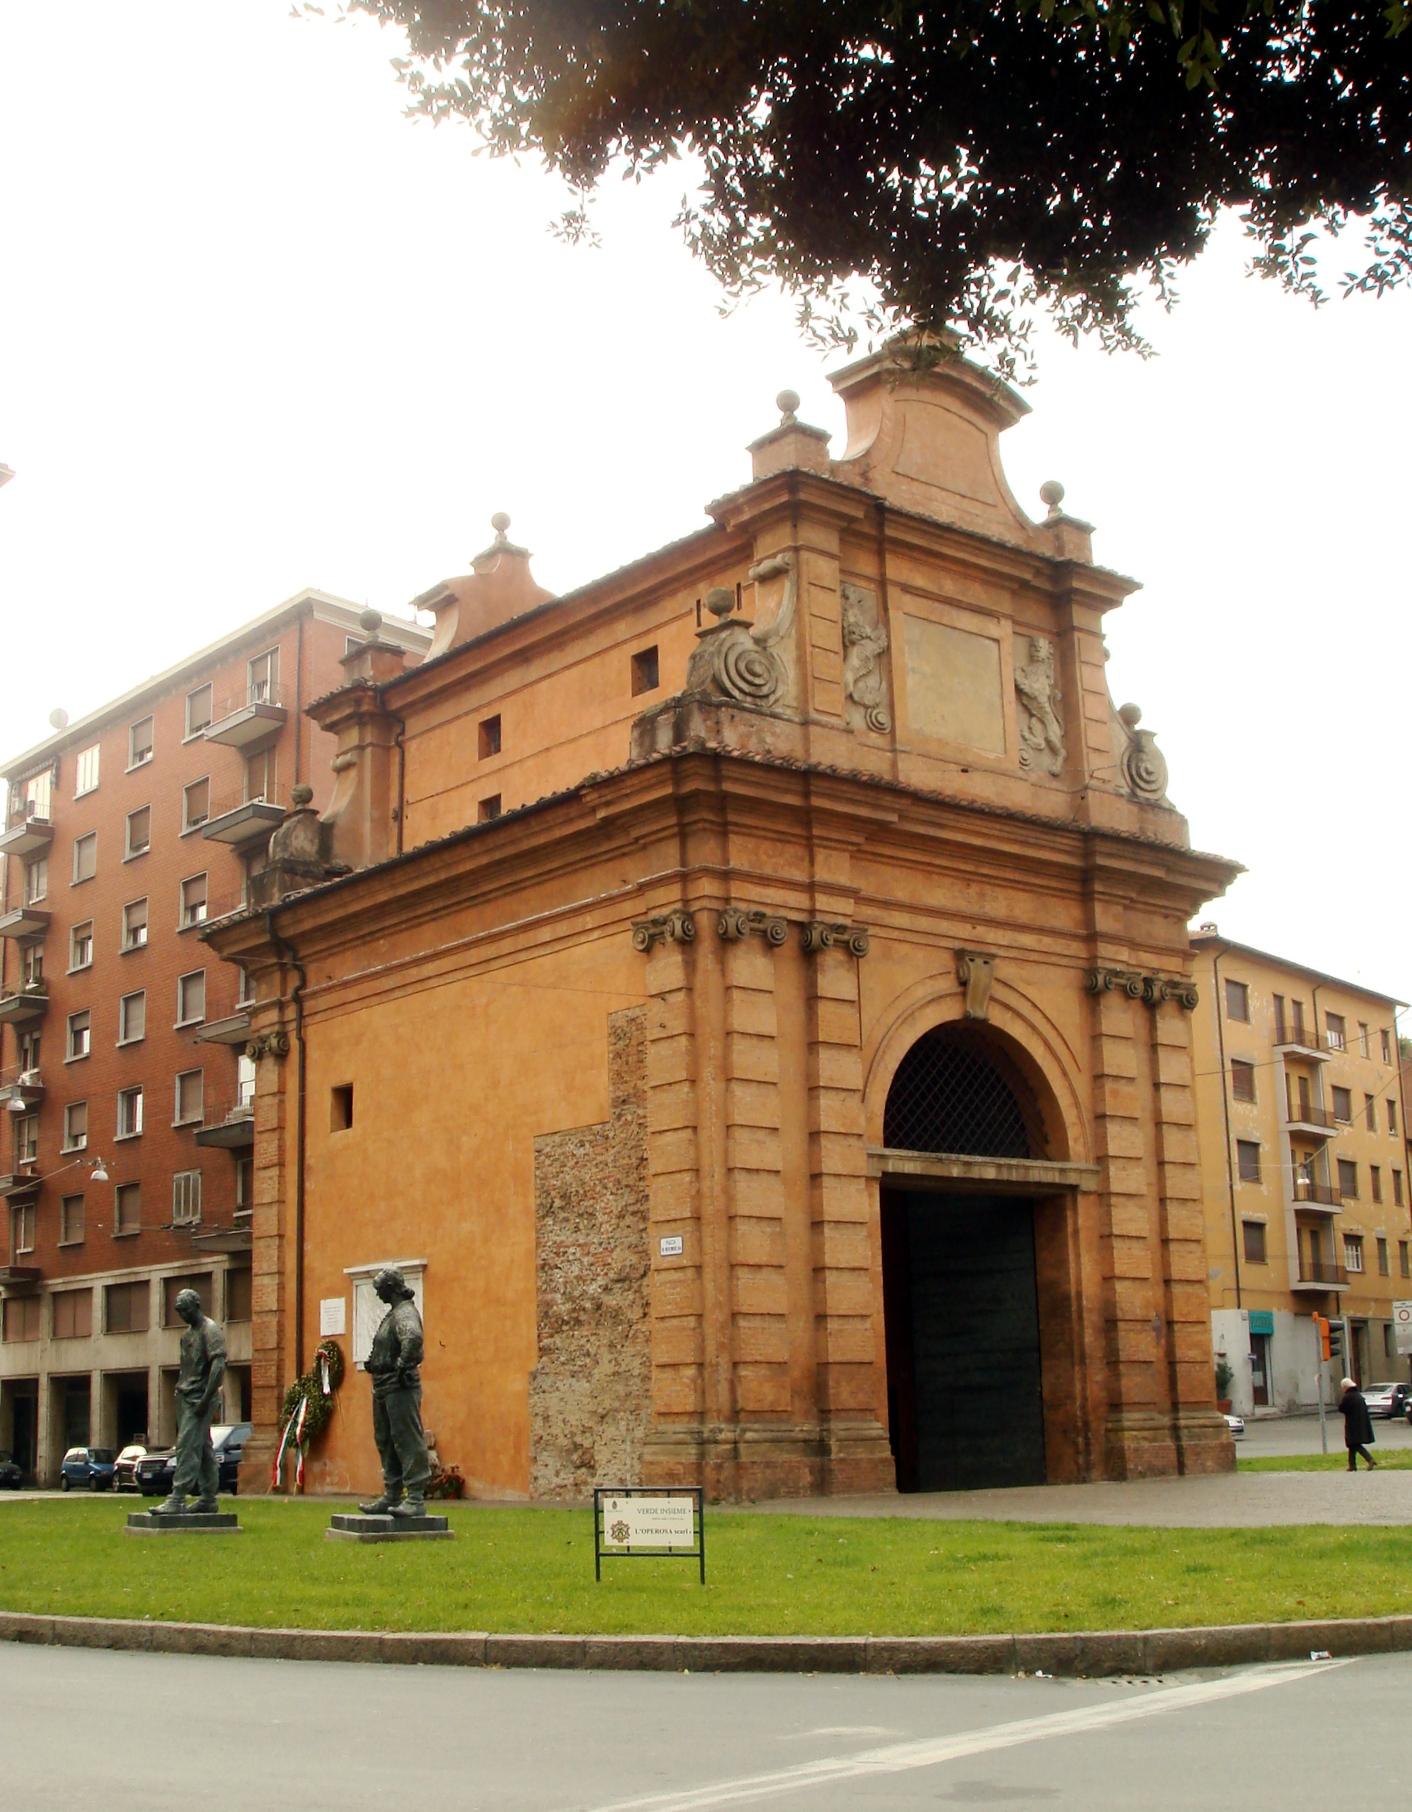 Porta Lame. In basso a sinistra si vedono le statue del partigiano e della partigiana, opere dello scultore Luciano Minguzzi